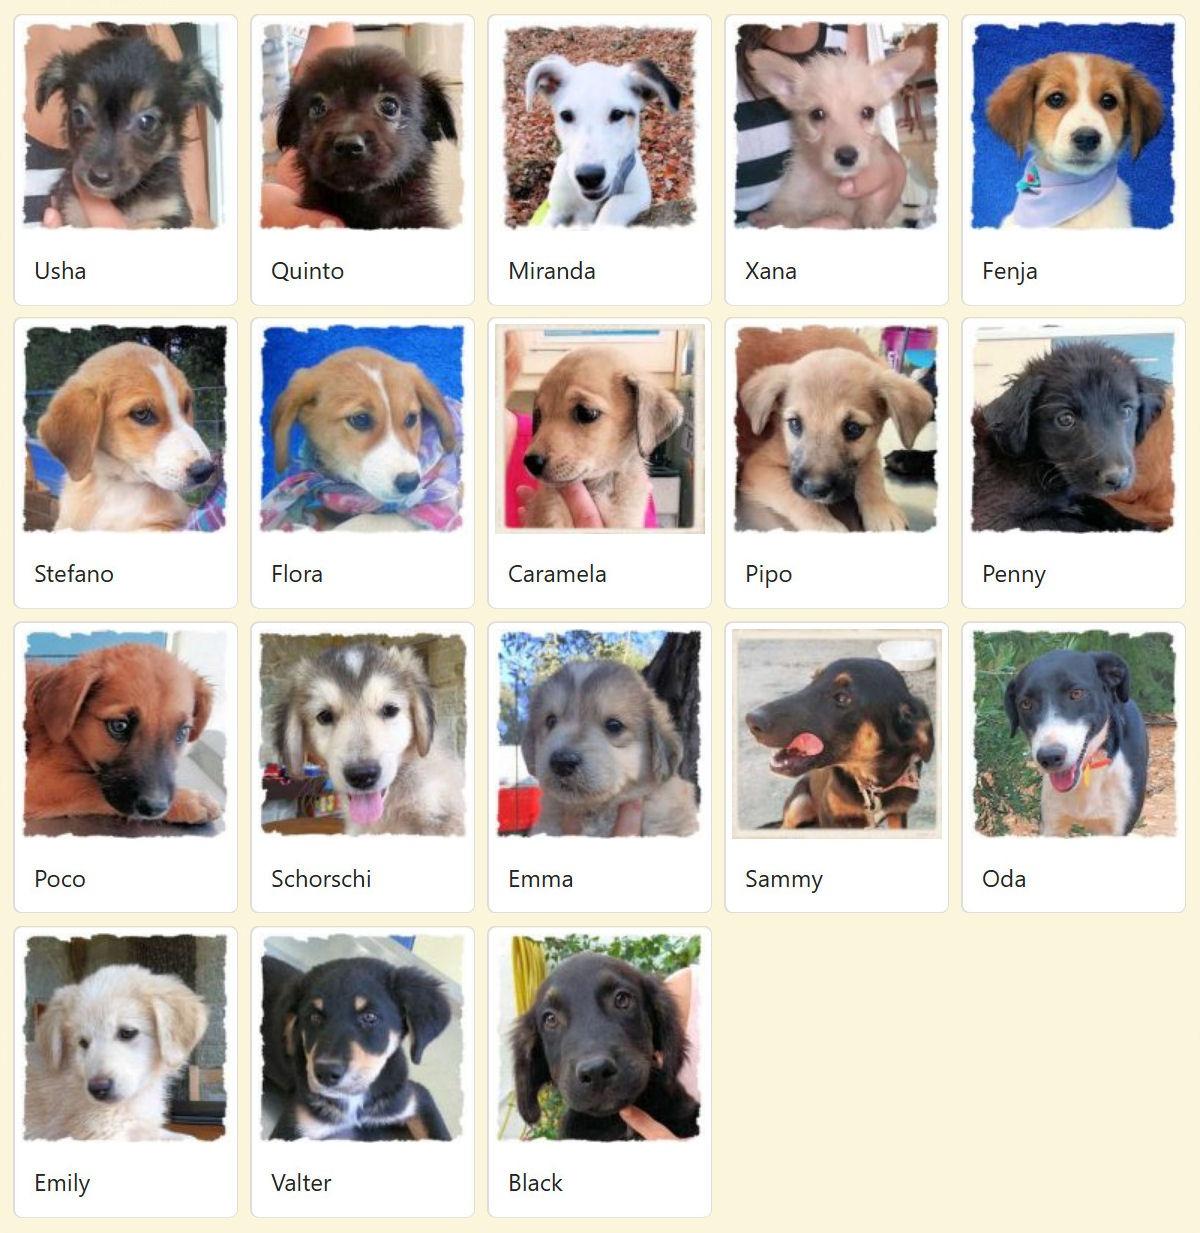 Geadopteerde honden 2018 12 Dog Rescue Greece